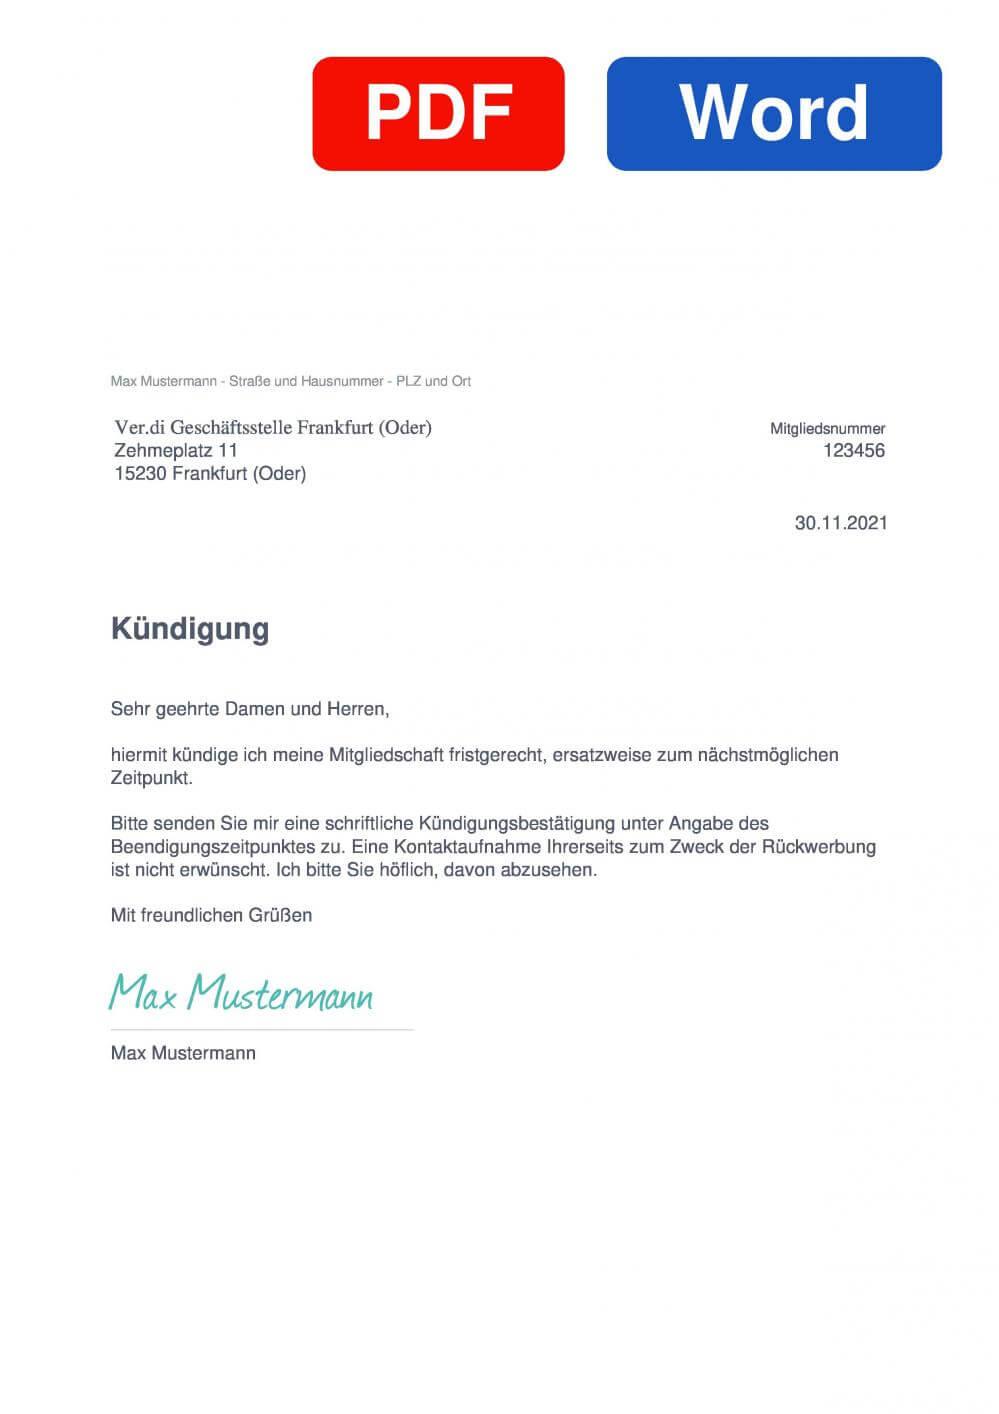 Verdi Frankfurt (Oder) Muster Vorlage für Kündigungsschreiben